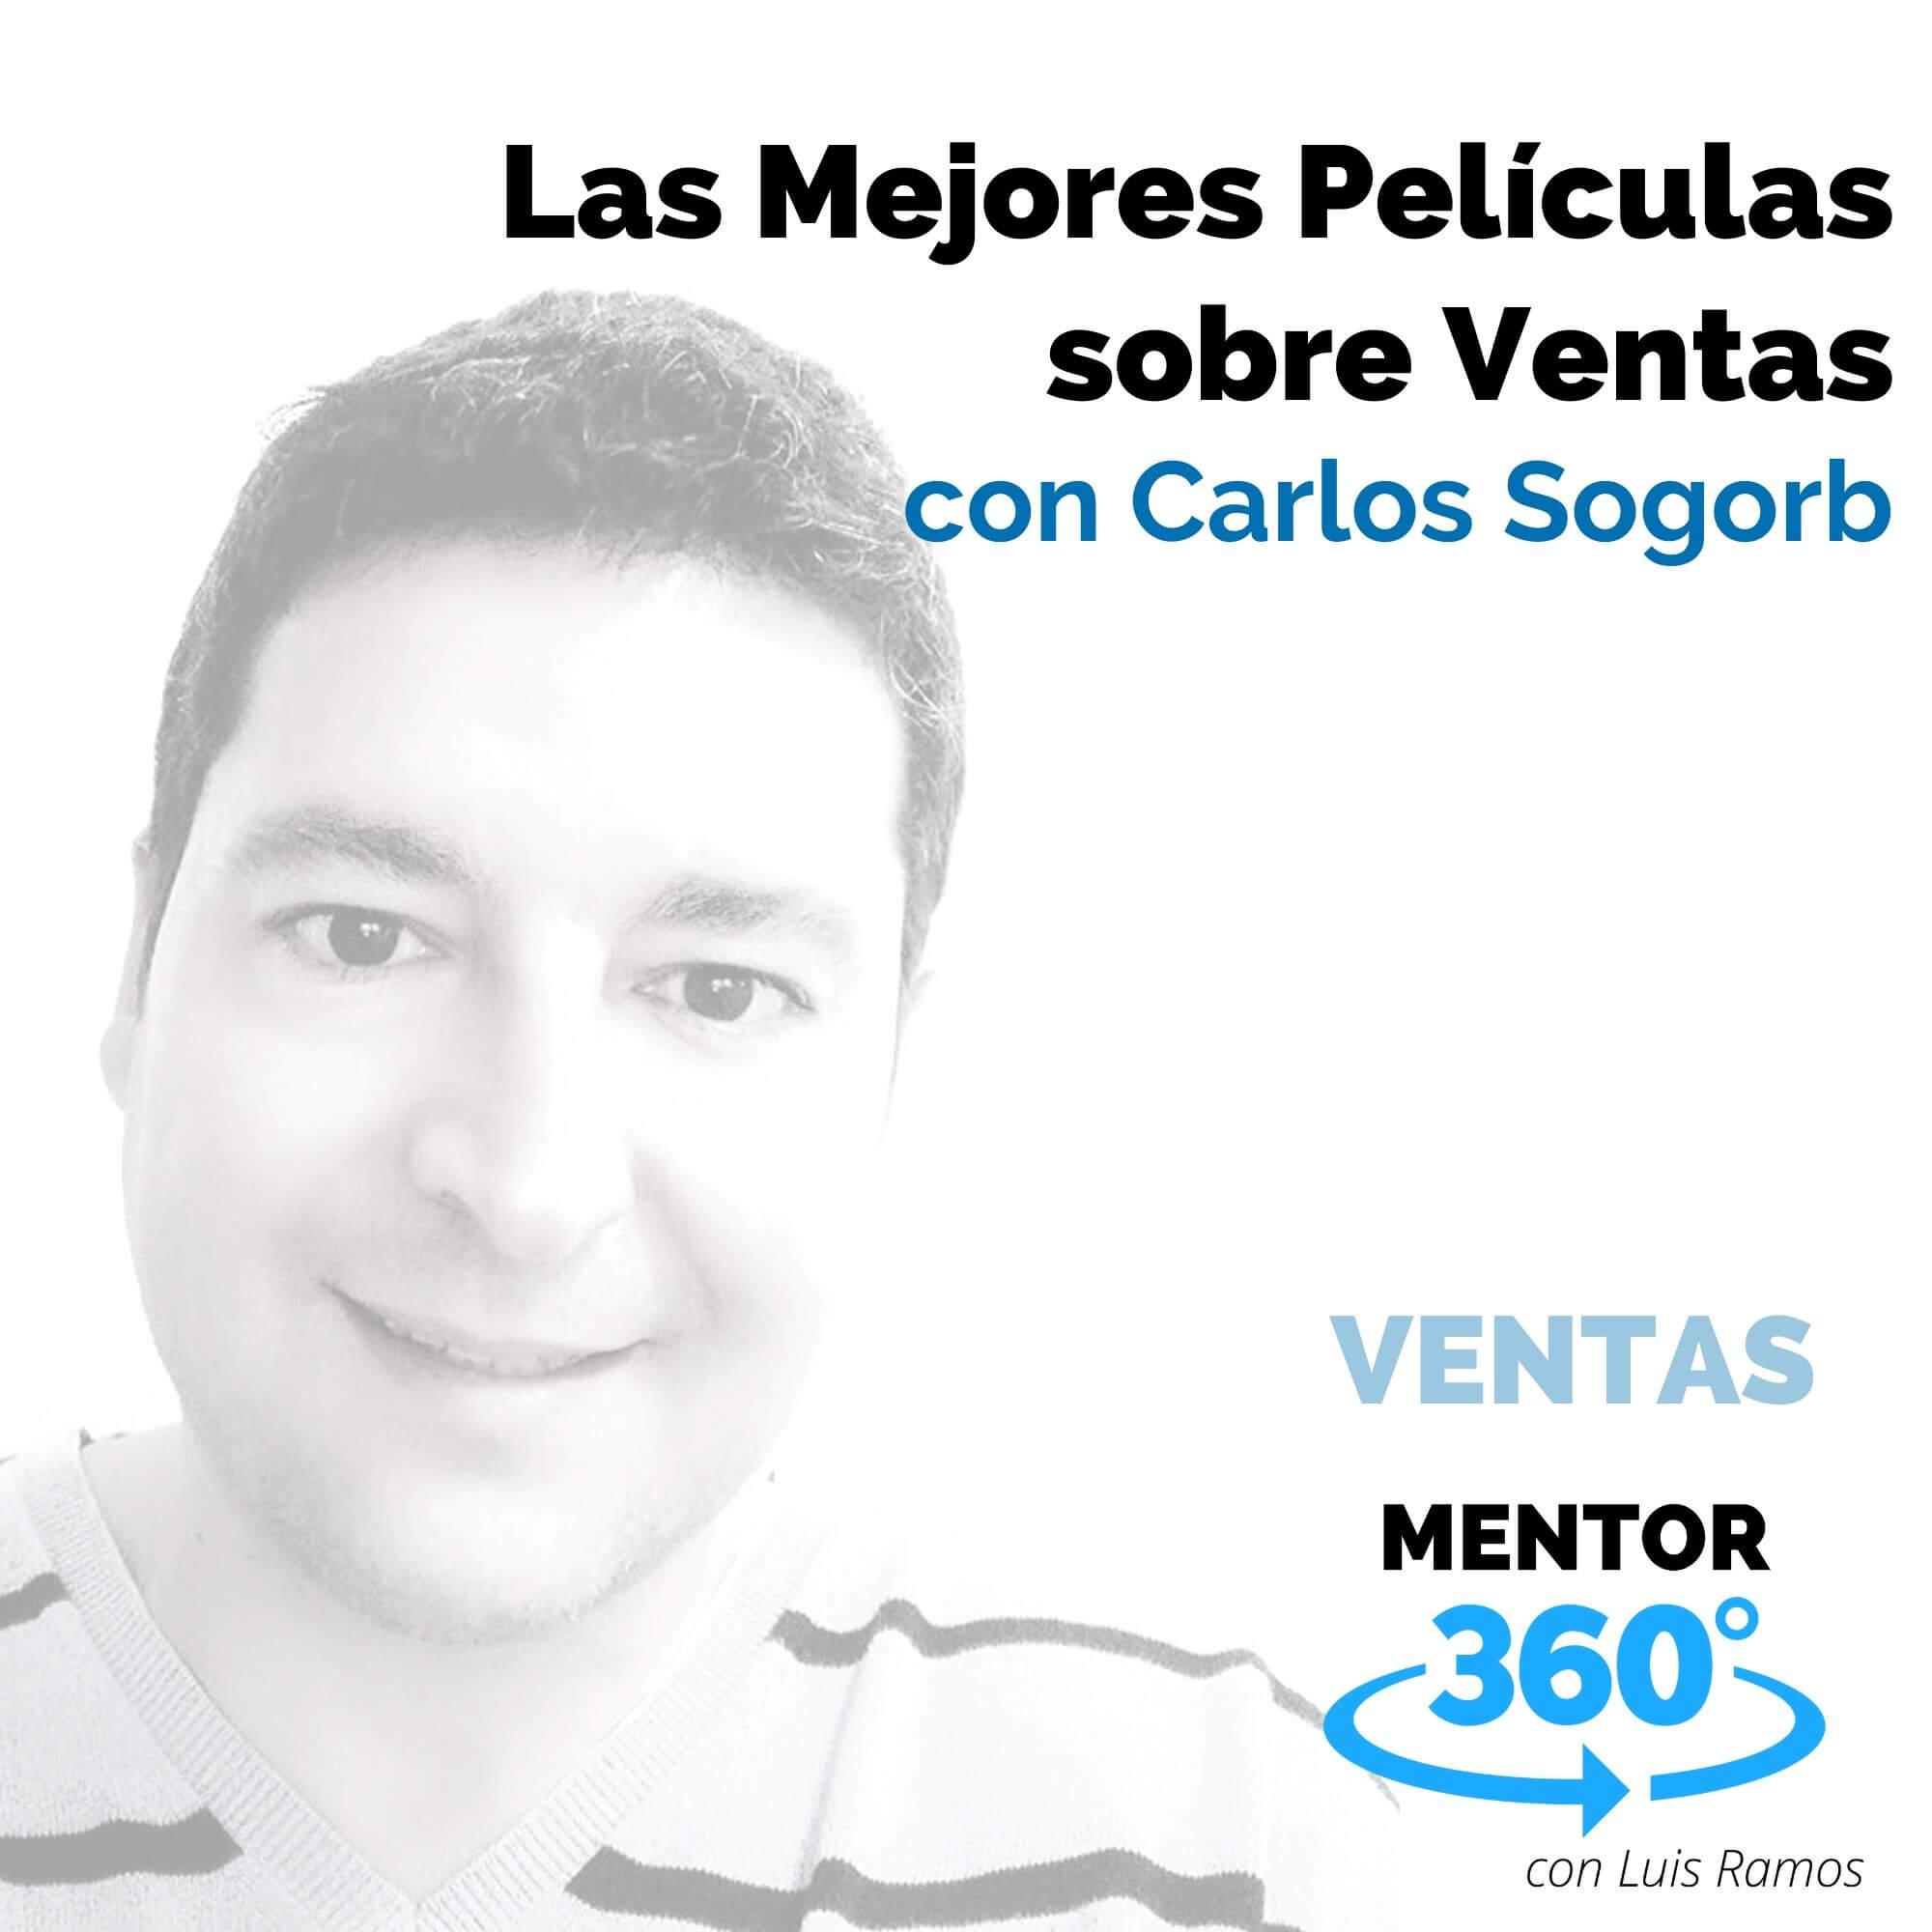 Las Mejores Películas sobre Ventas, con Carlos Sogorb - VENTAS